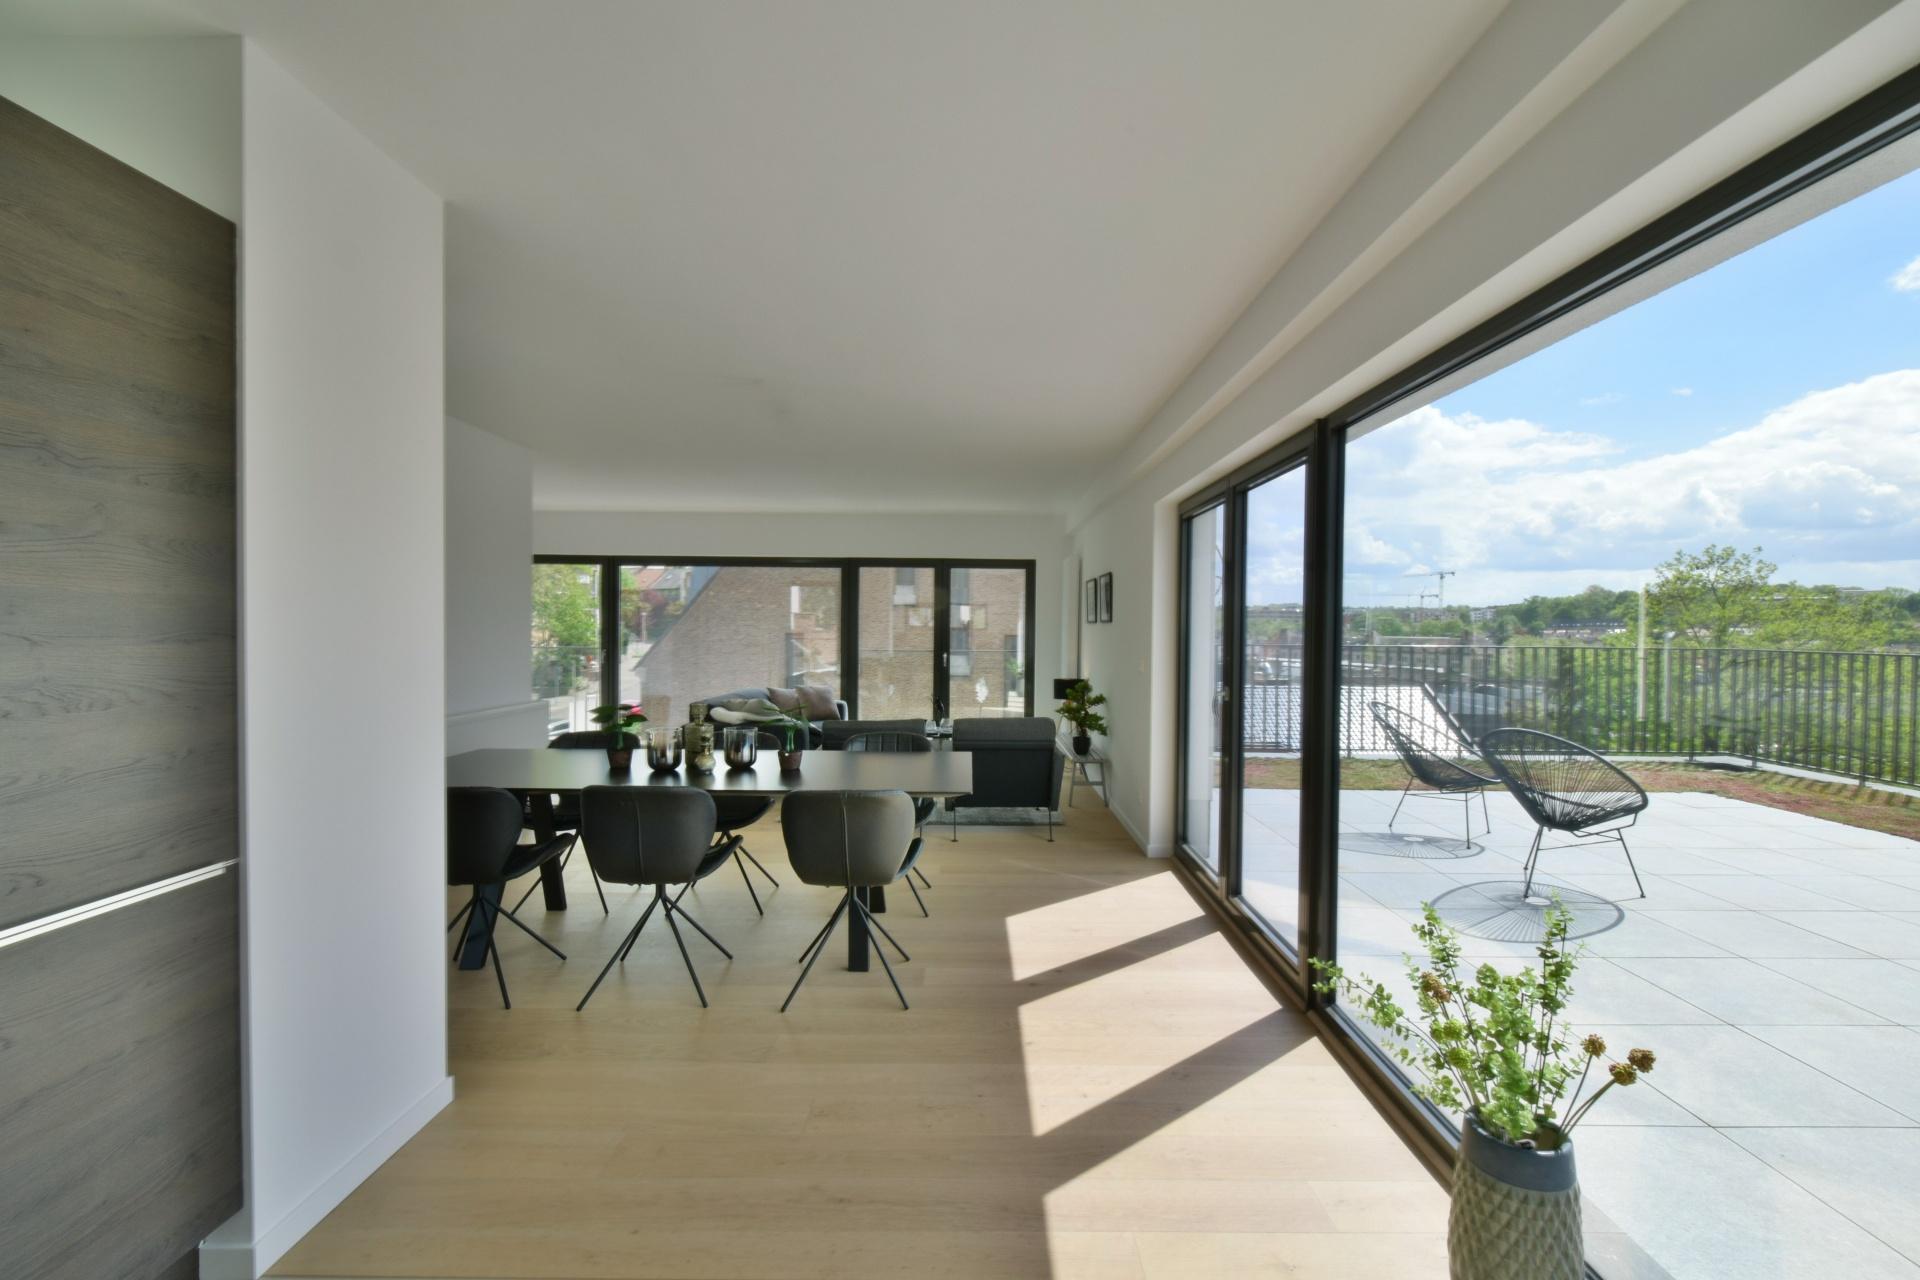 agara properties, casanova vastgoedstyling, ukkel, penthouse ukkel